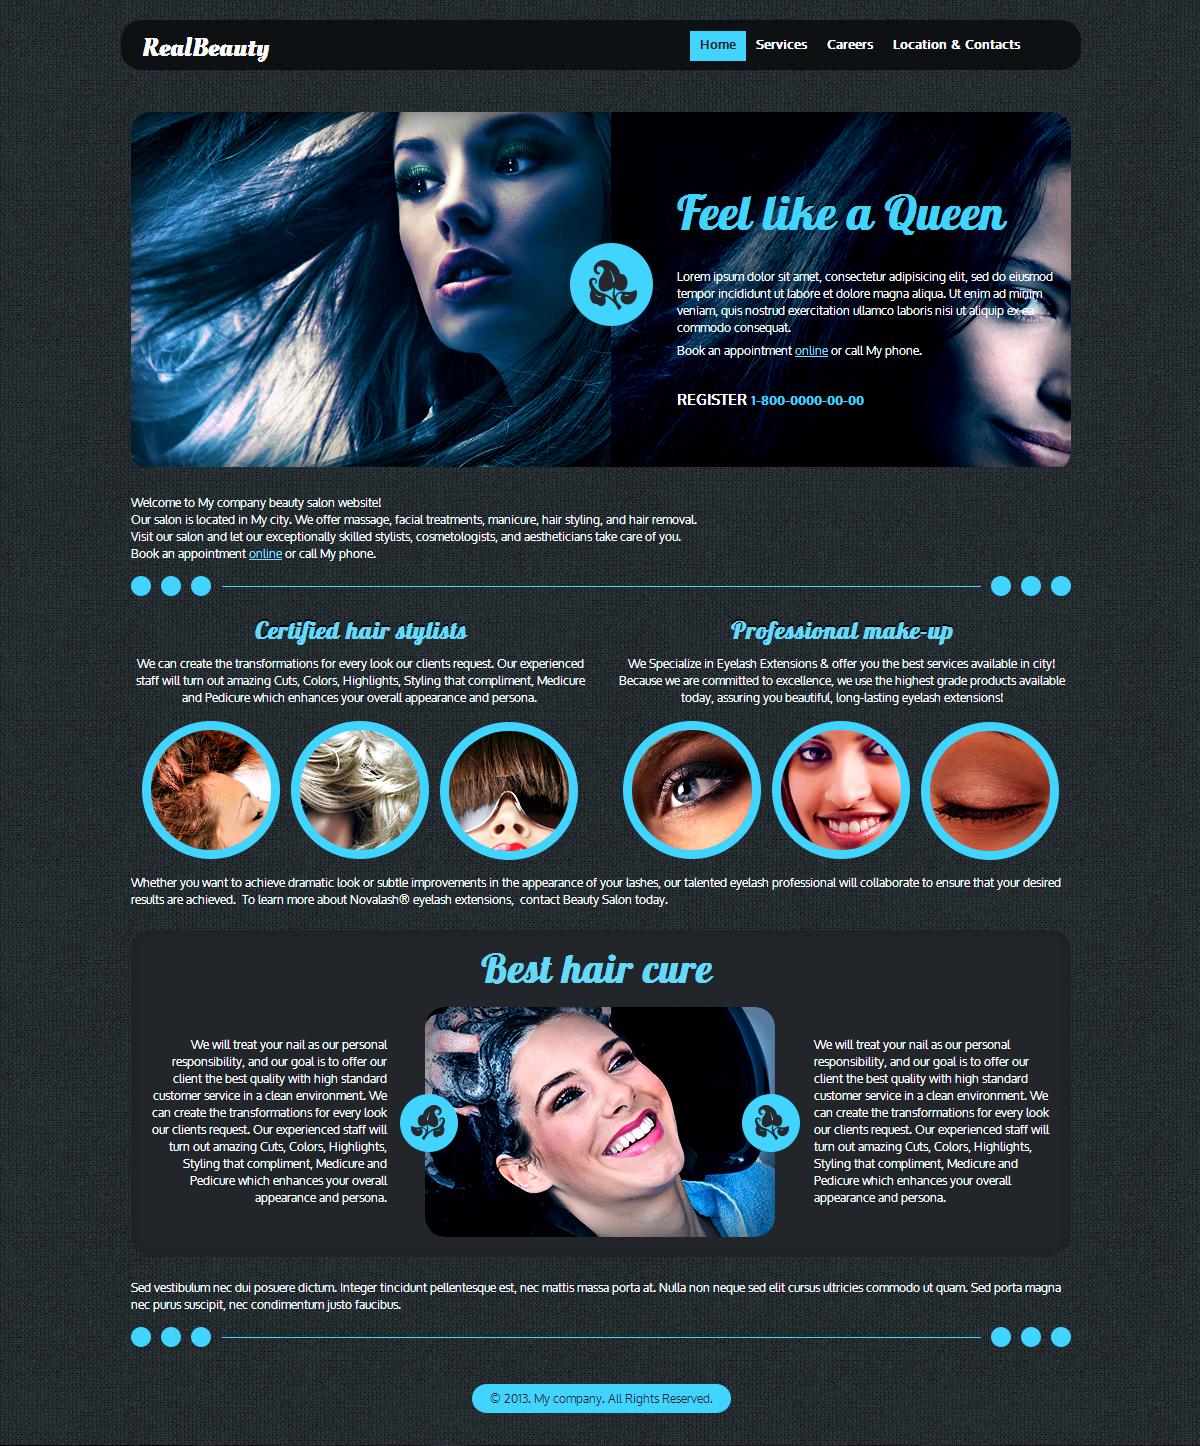 beauty-salon-01-SCREEN by blackblurrr